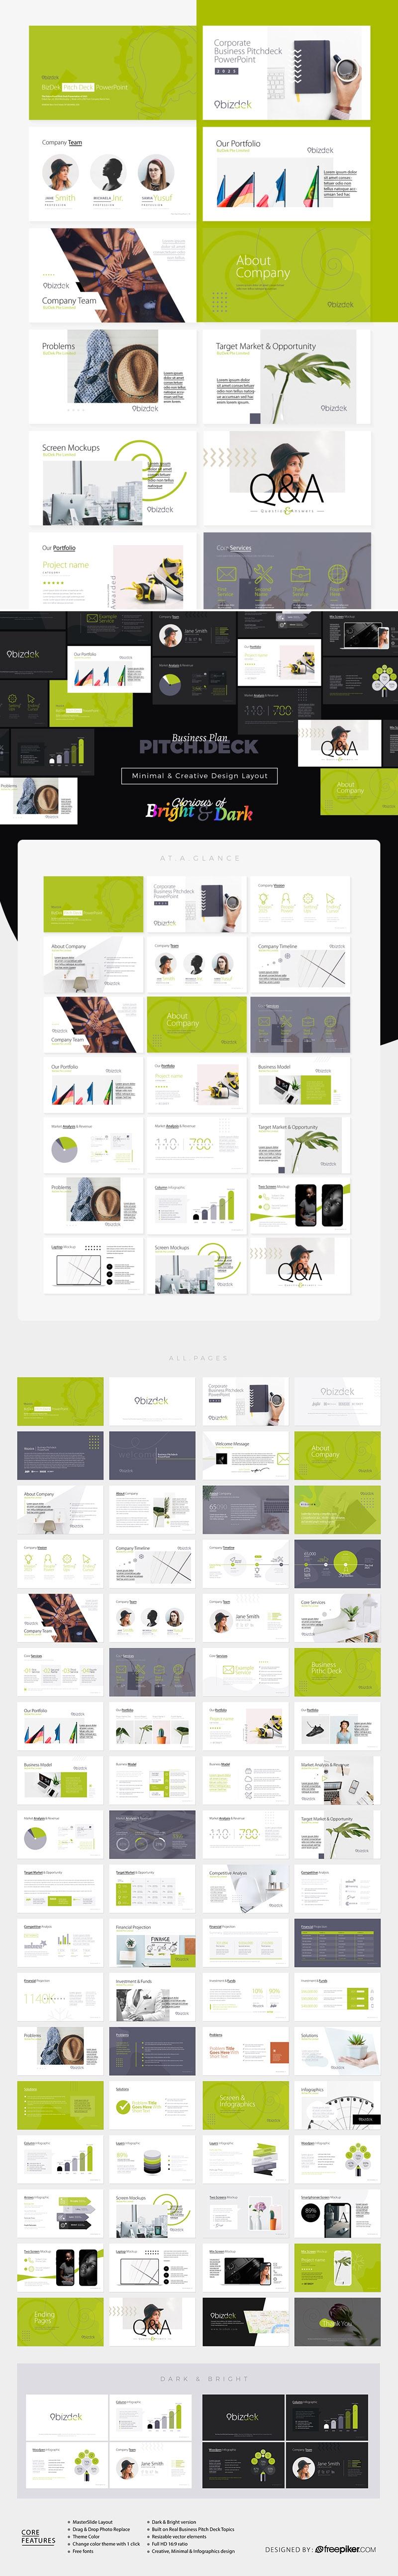 BizDek | Business Plan Pitch Deck PowerPoint